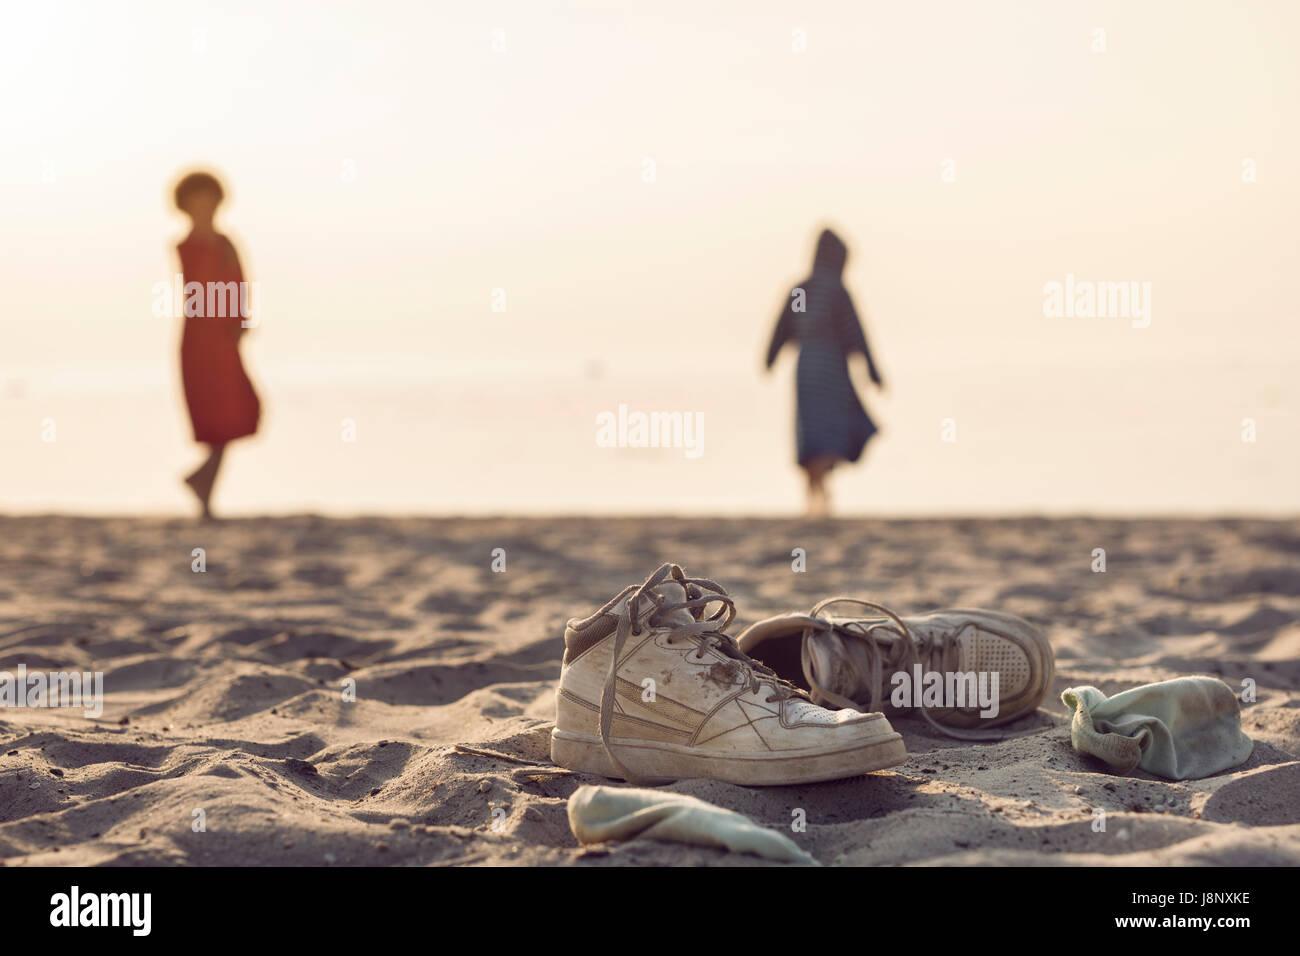 Deux femmes se tenant debout sur la plage, des chaussures en premier plan Banque D'Images